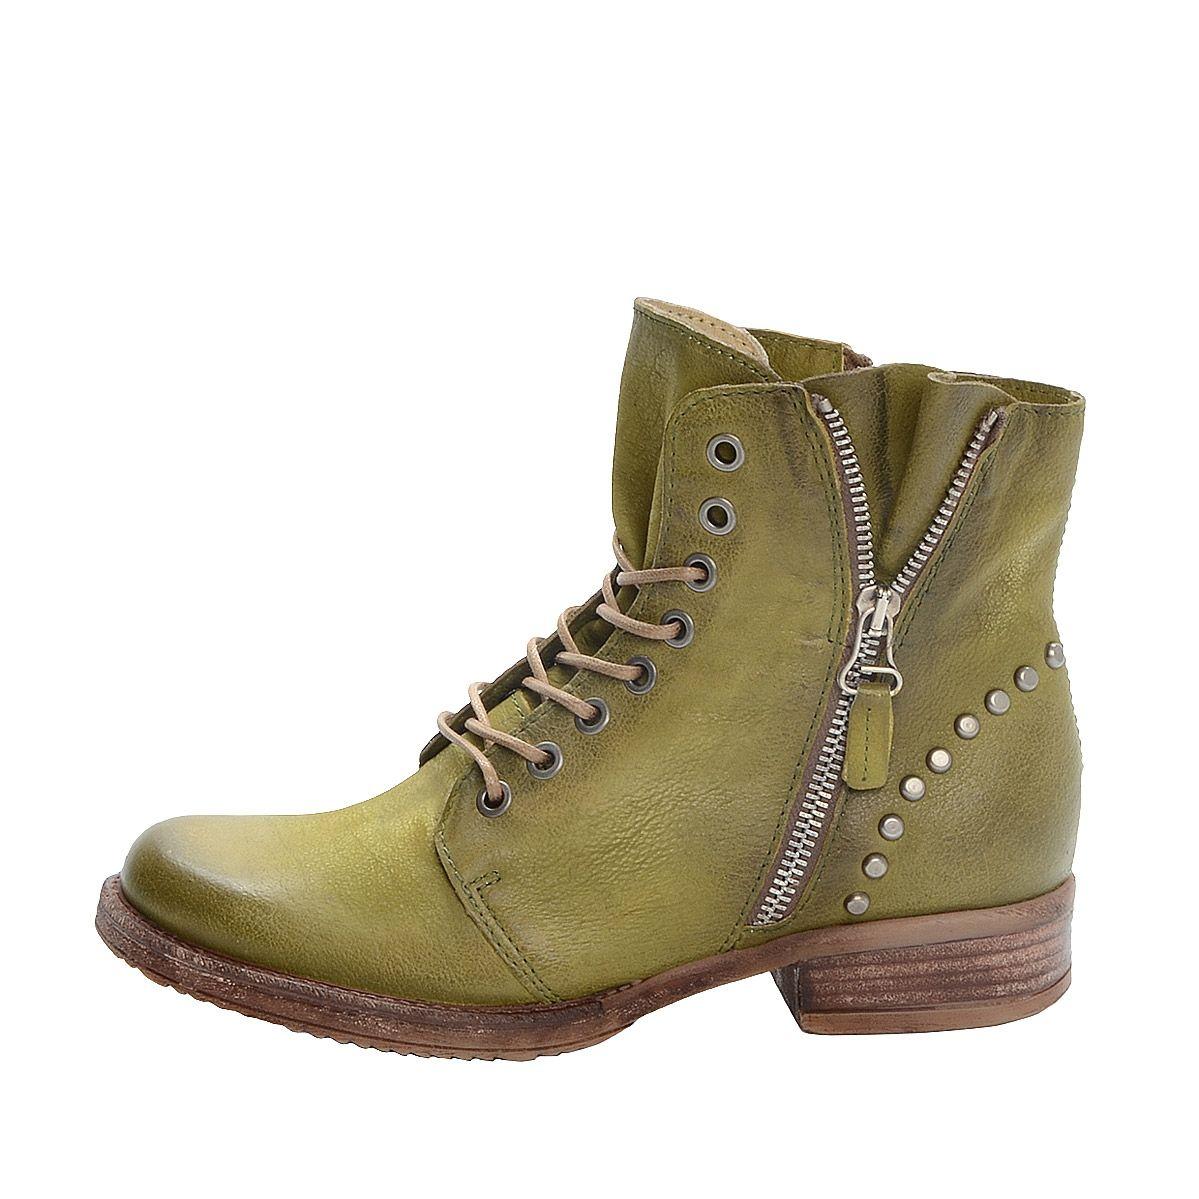 MJUS Onlineshop // Schuhe versandkostenfrei bestellen Details